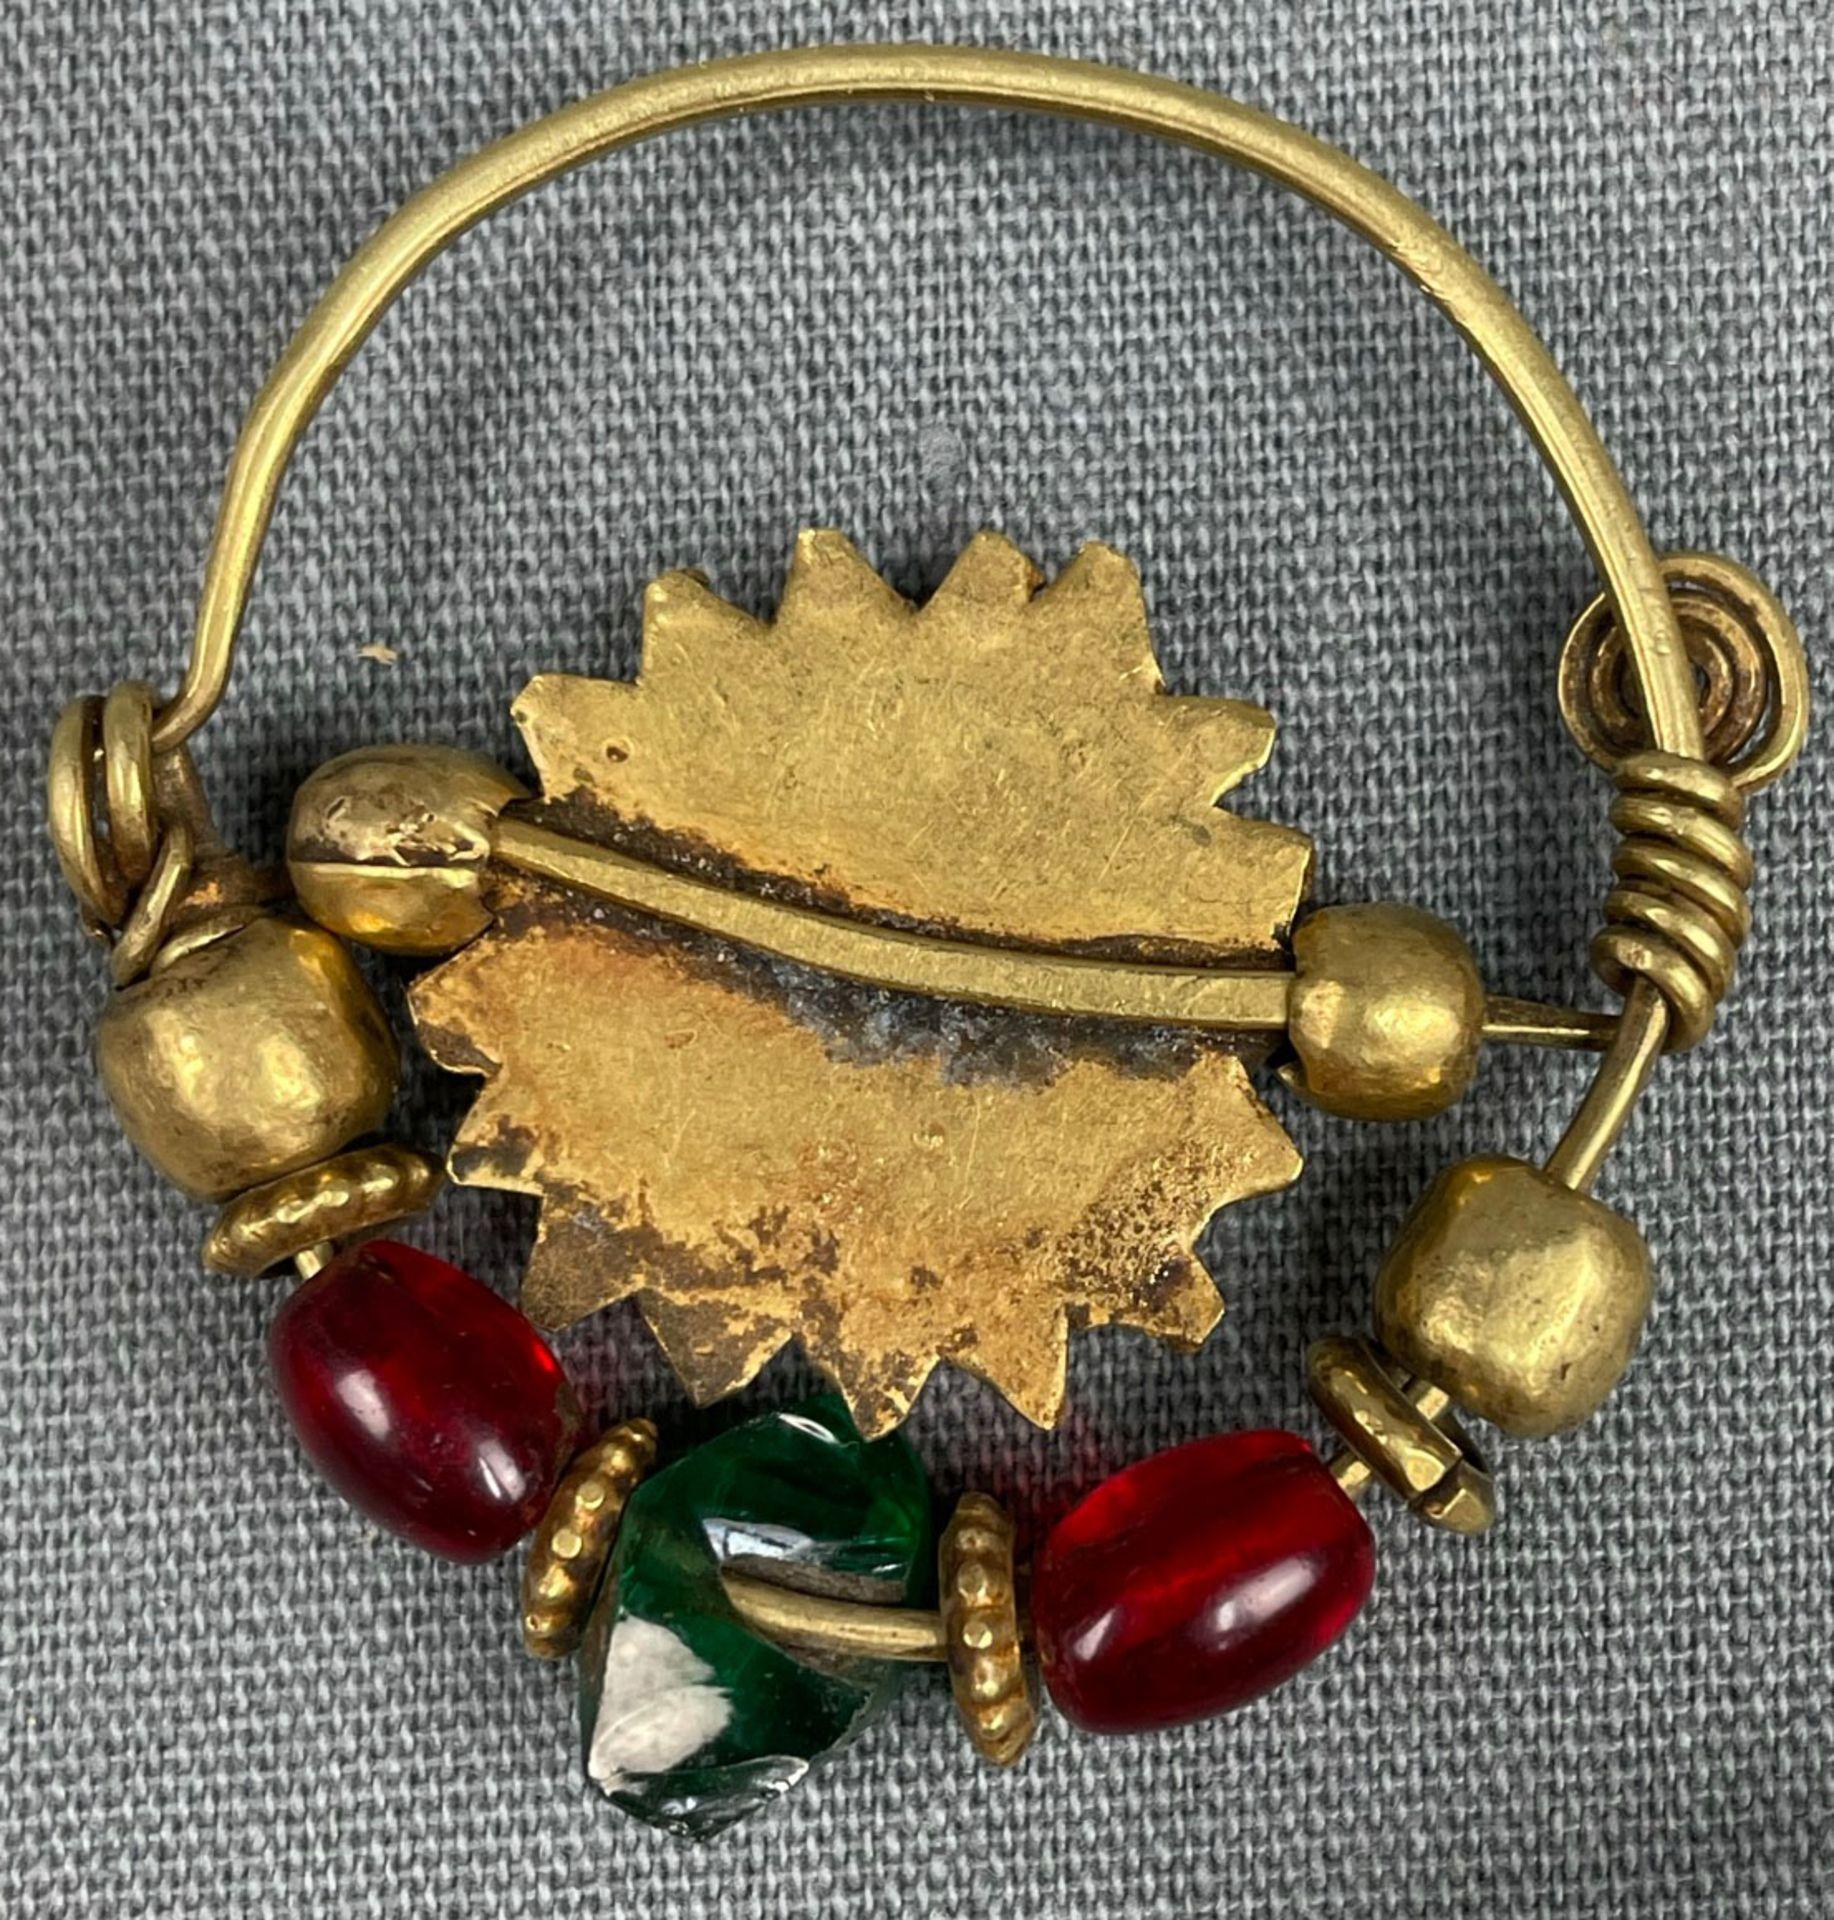 3 Anhänger, Ohrschmuck? Wohl Mogul Indien antik. Gold. - Image 3 of 10